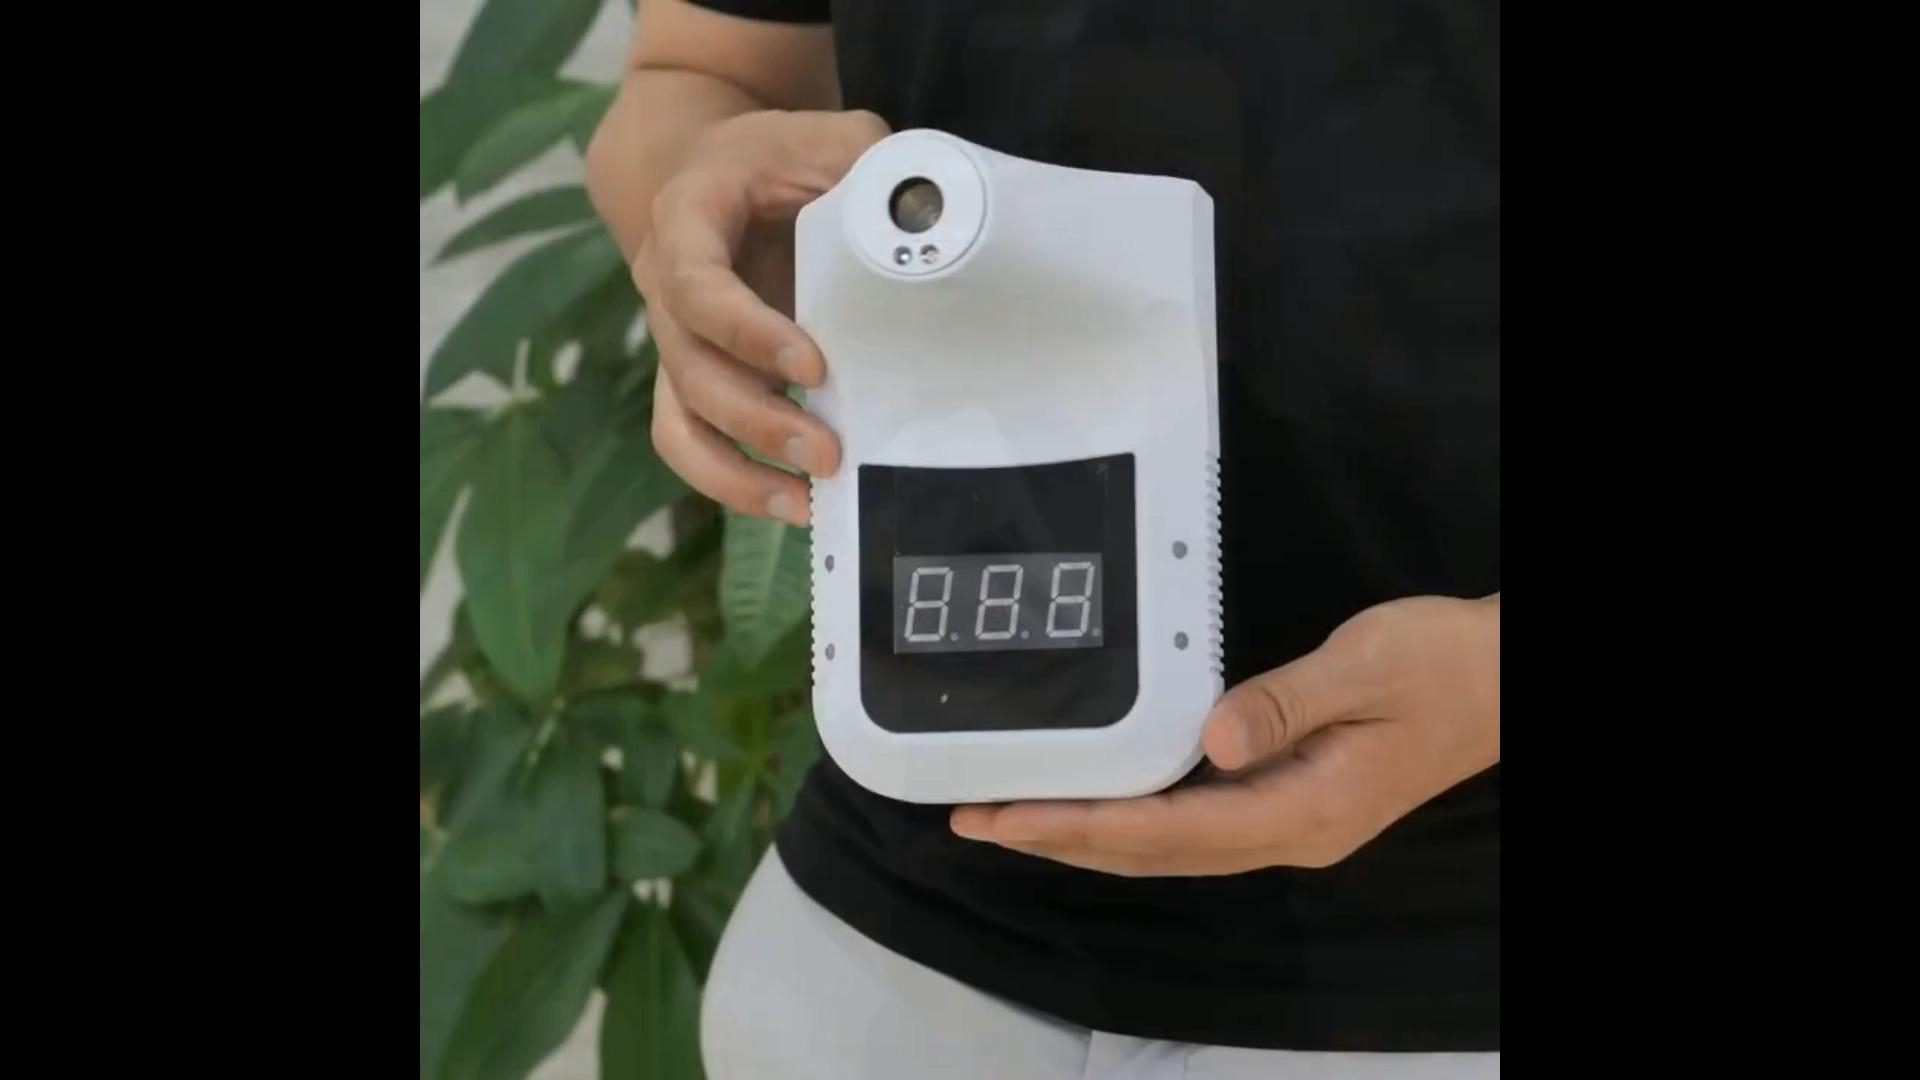 เครื่องควบคุมอุณหภูมิแบบดิจิตอลติดผนัง,เทอร์โมมิเตอร์K3แบบไม่ต้องสัมผัส